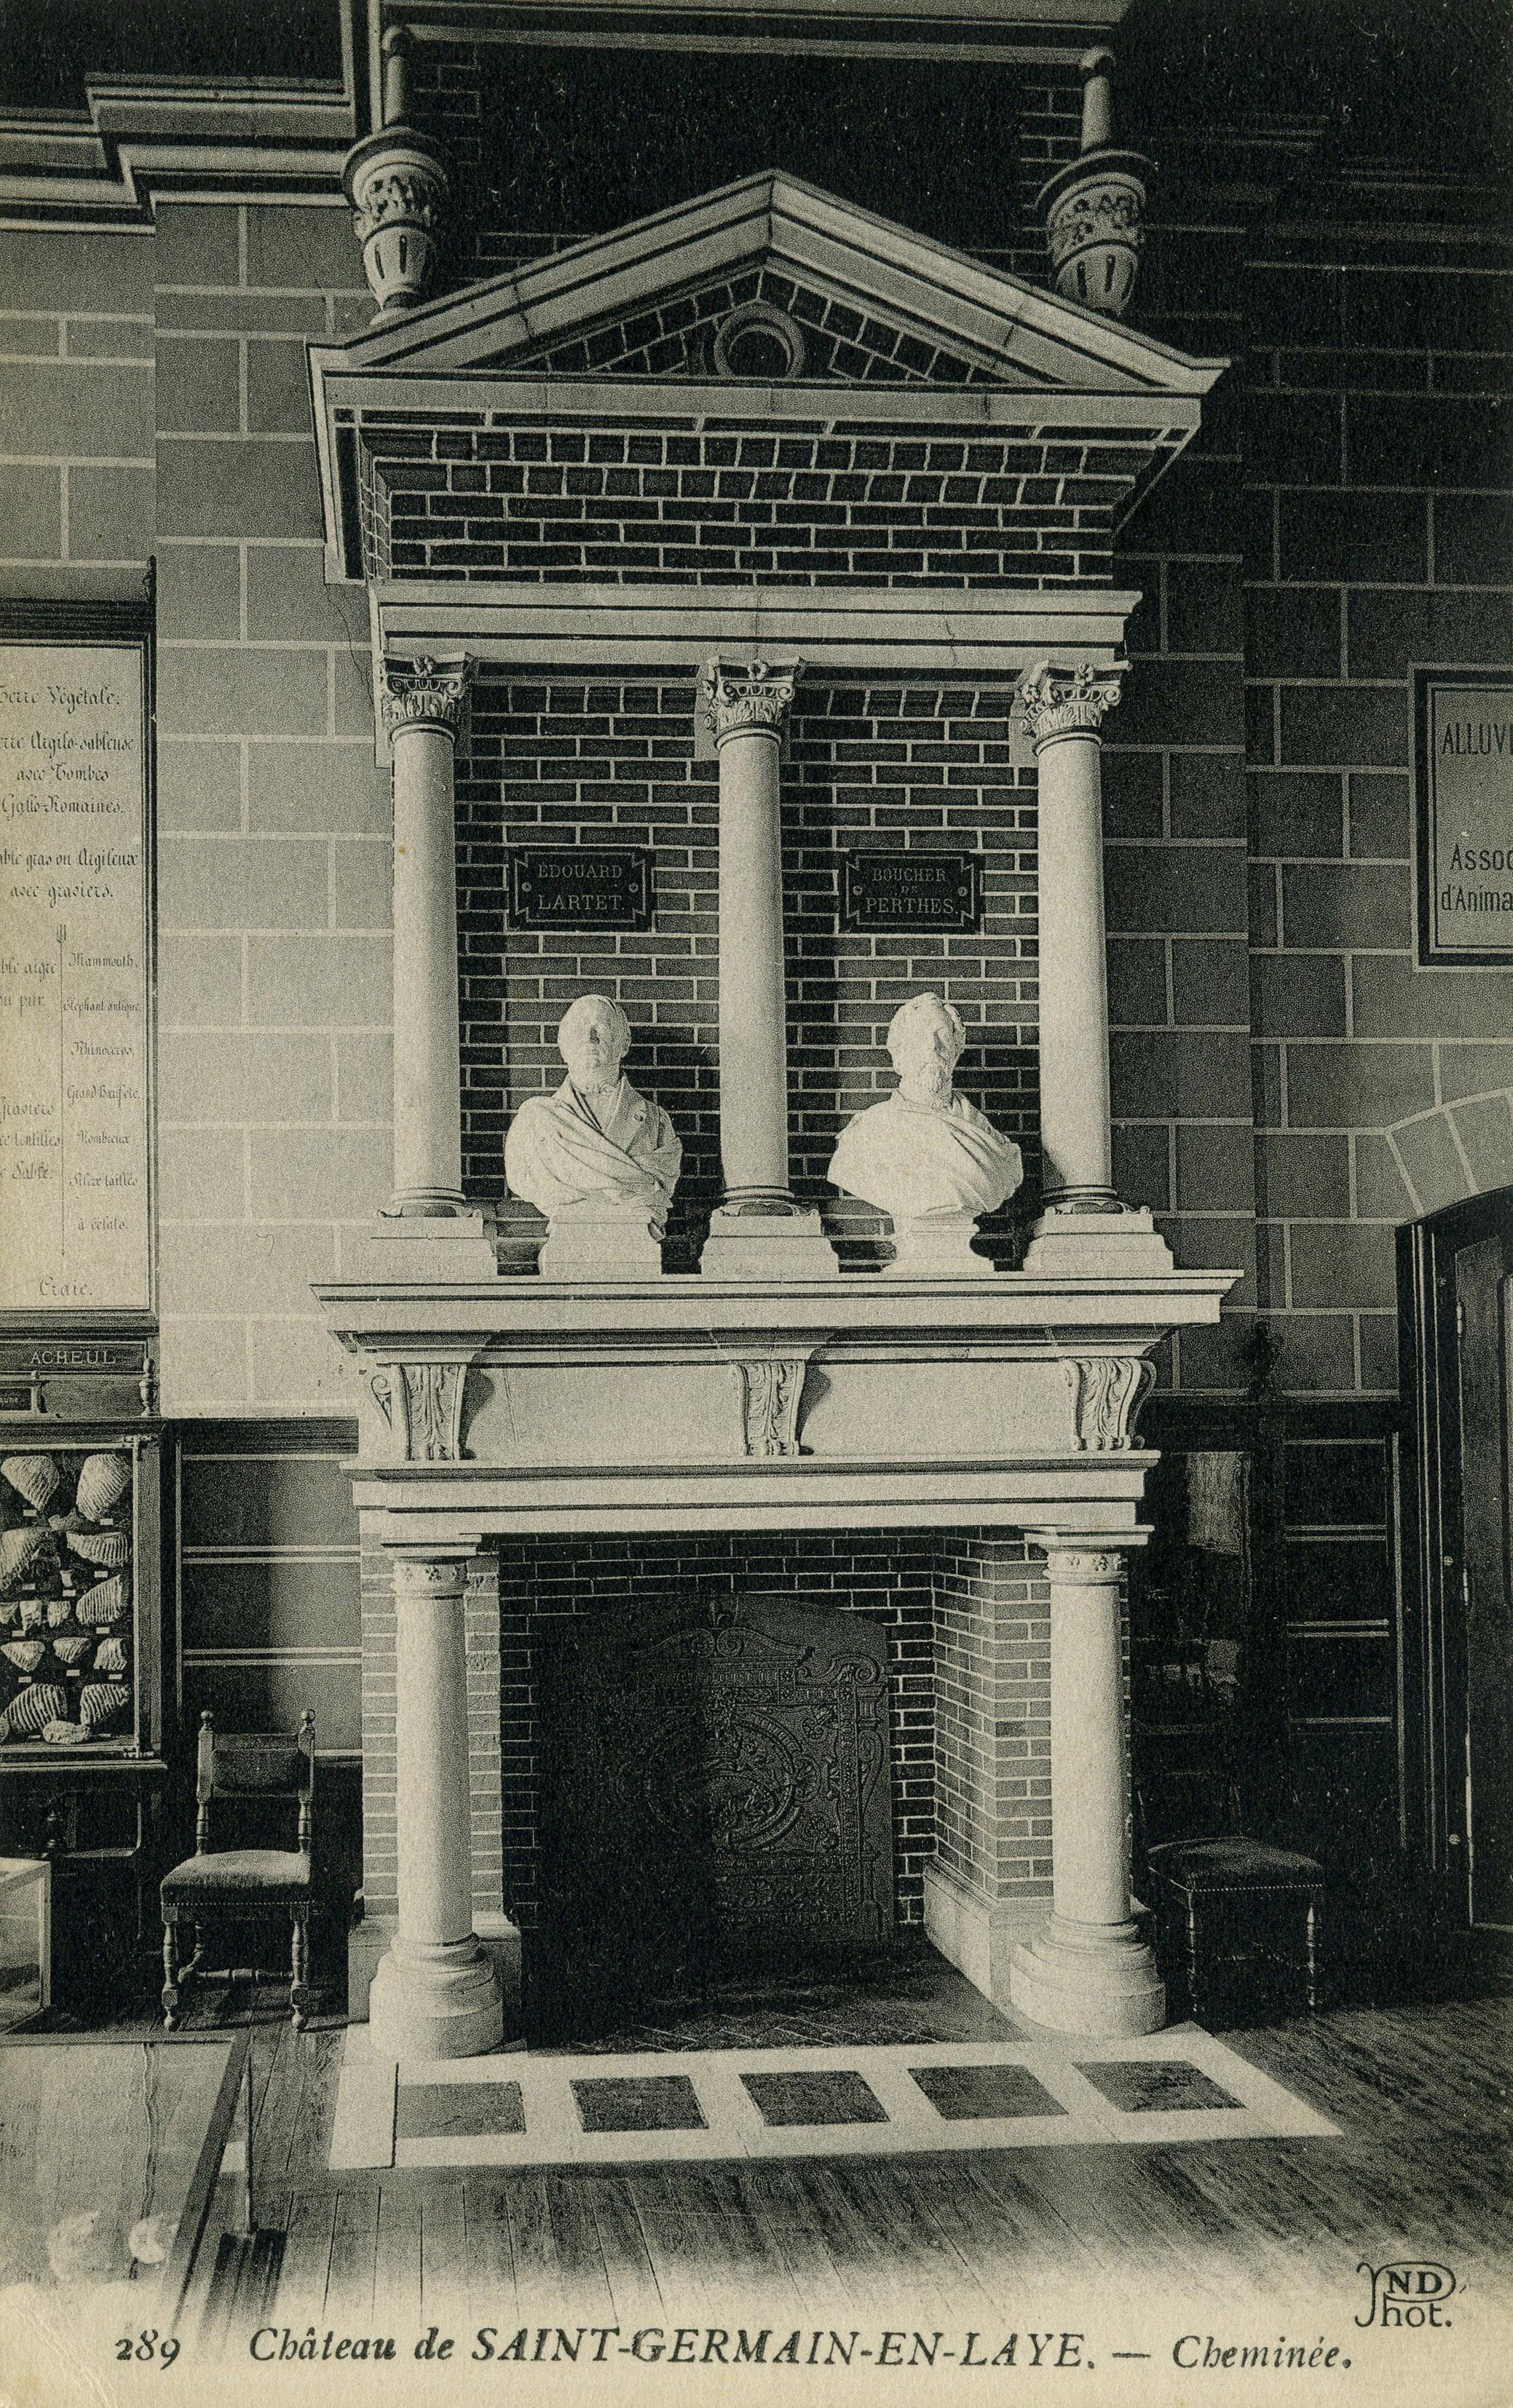 La cheminée,les bustes de Lartet (à gauche) et de Boucher de Perthes (à droite).